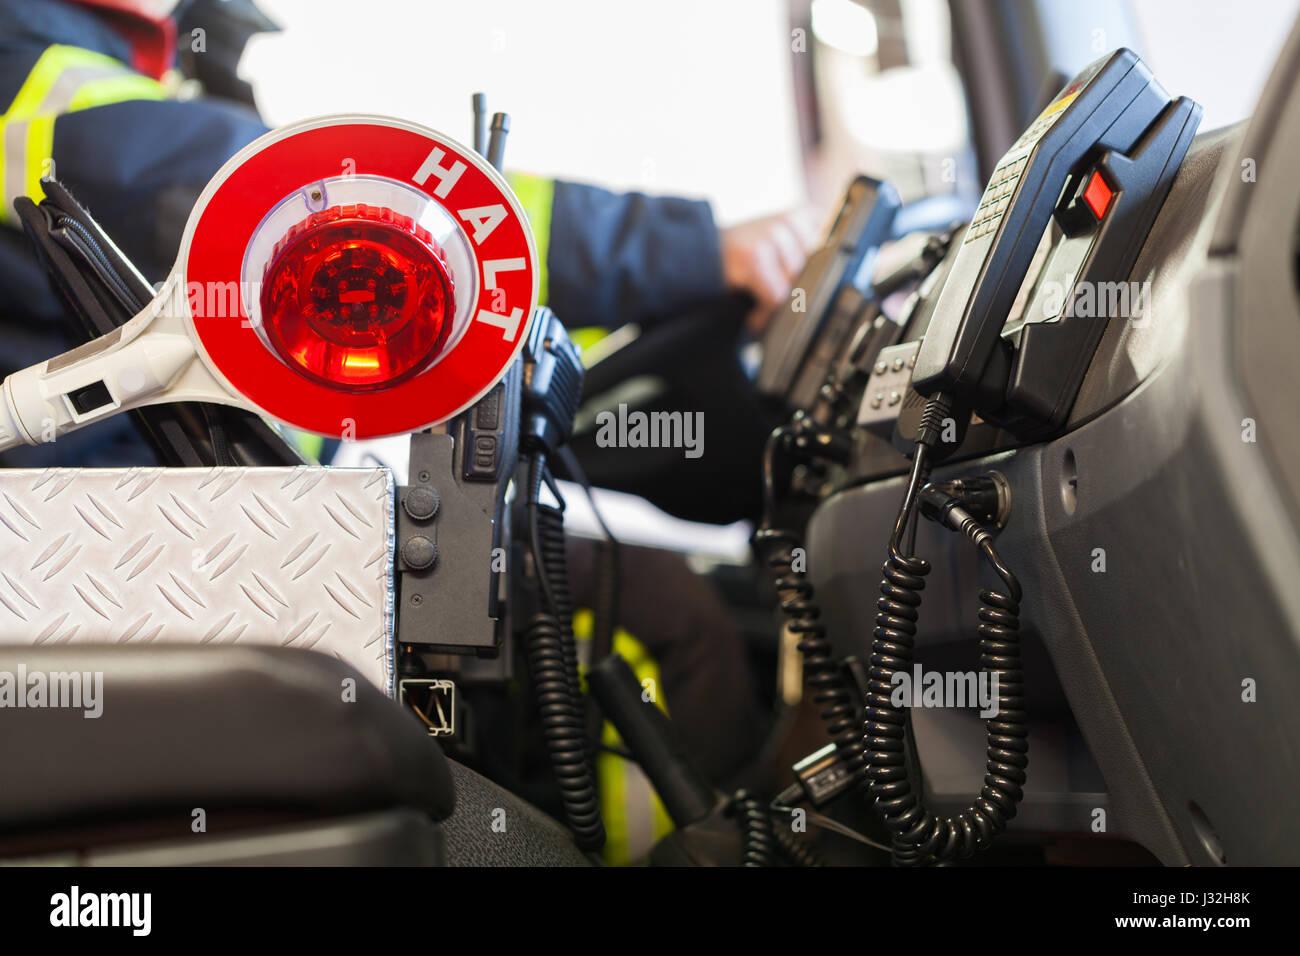 Feuerwehrmann fährt ein Einsatzfahrzeug mit Kommunikation Innenansicht und Kelle Stockbild